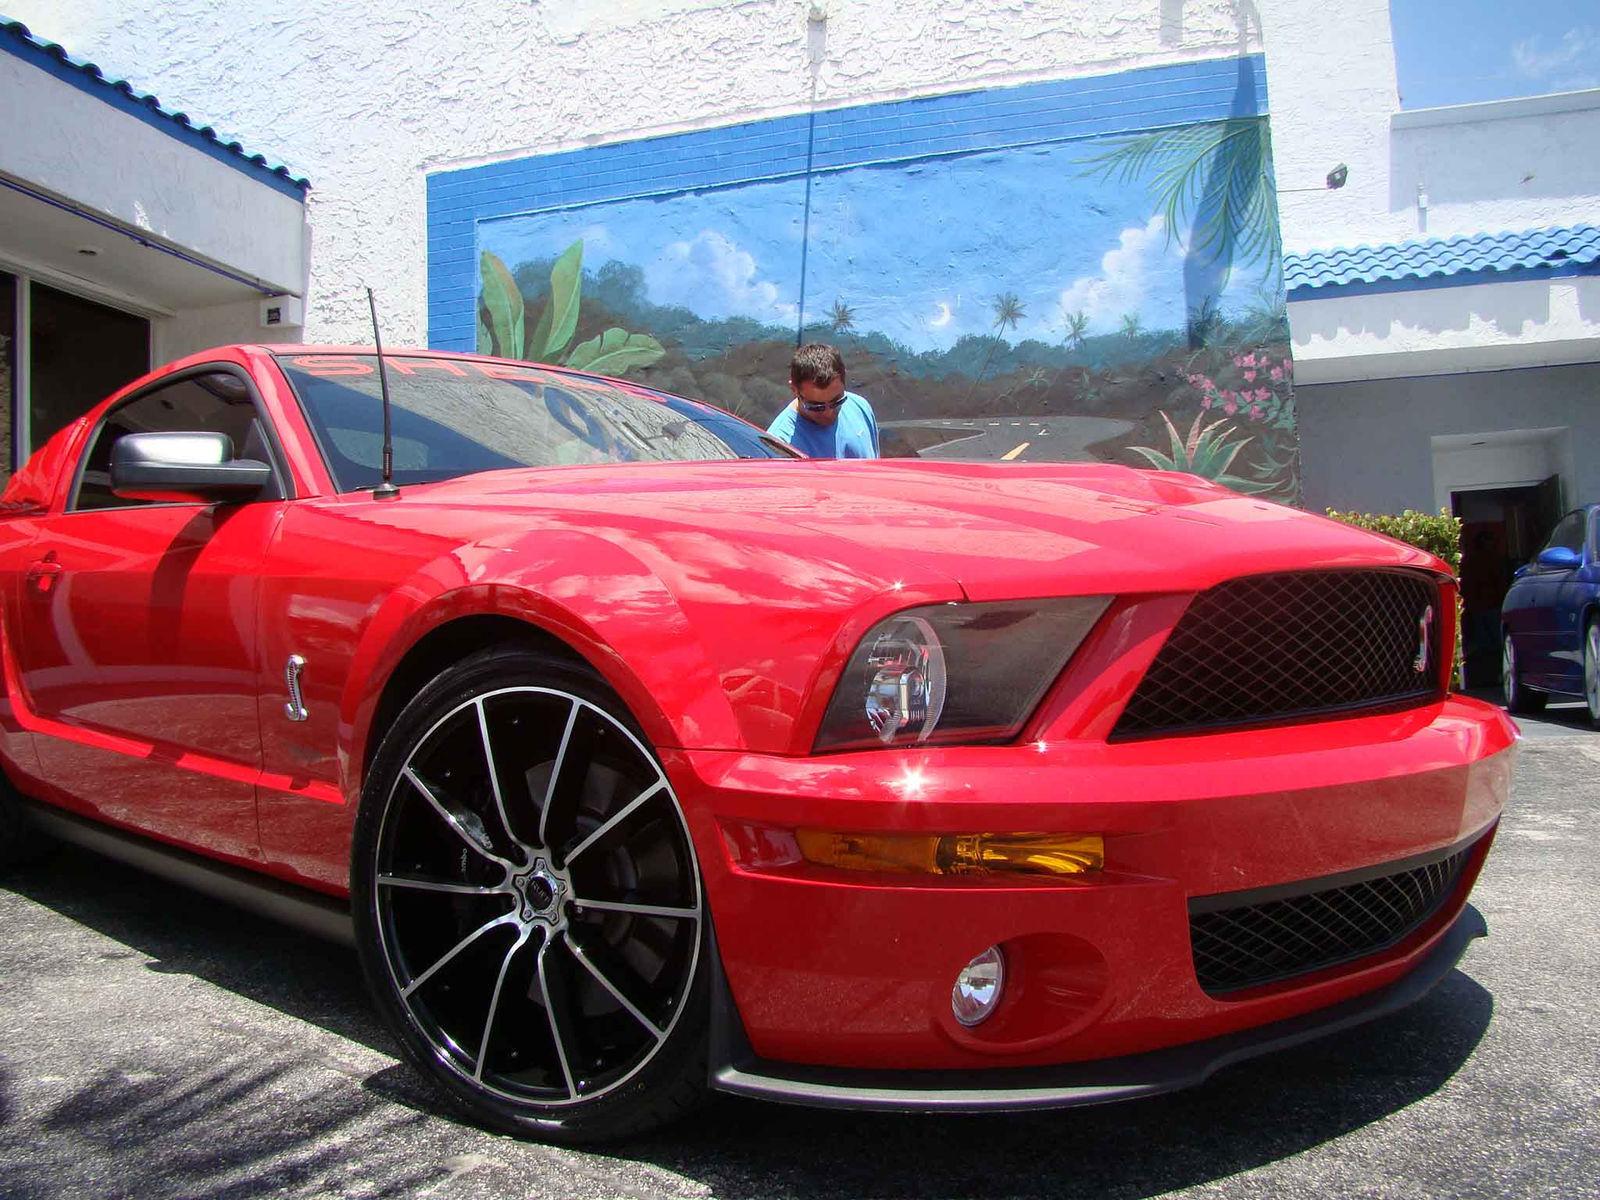 2010 Ford Mustang SVT Cobra | Ford Mustang Cobra